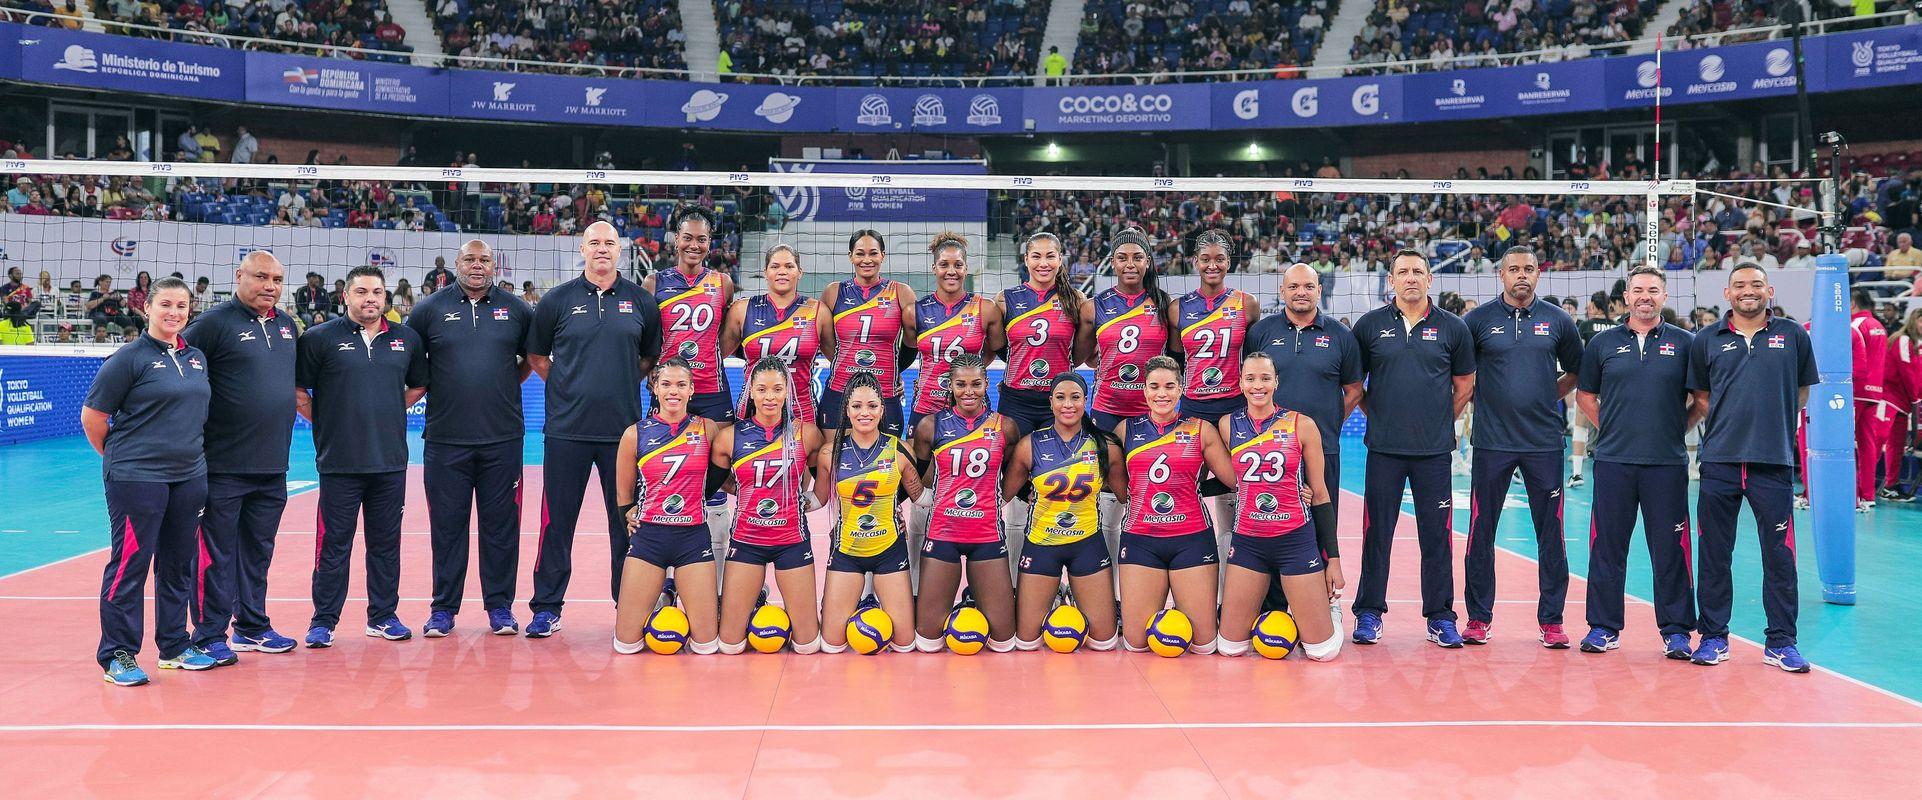 L'Equipe Féminine de la République Dominicaine remporte à domicile son ticket pour les JO d'été de Tokyo